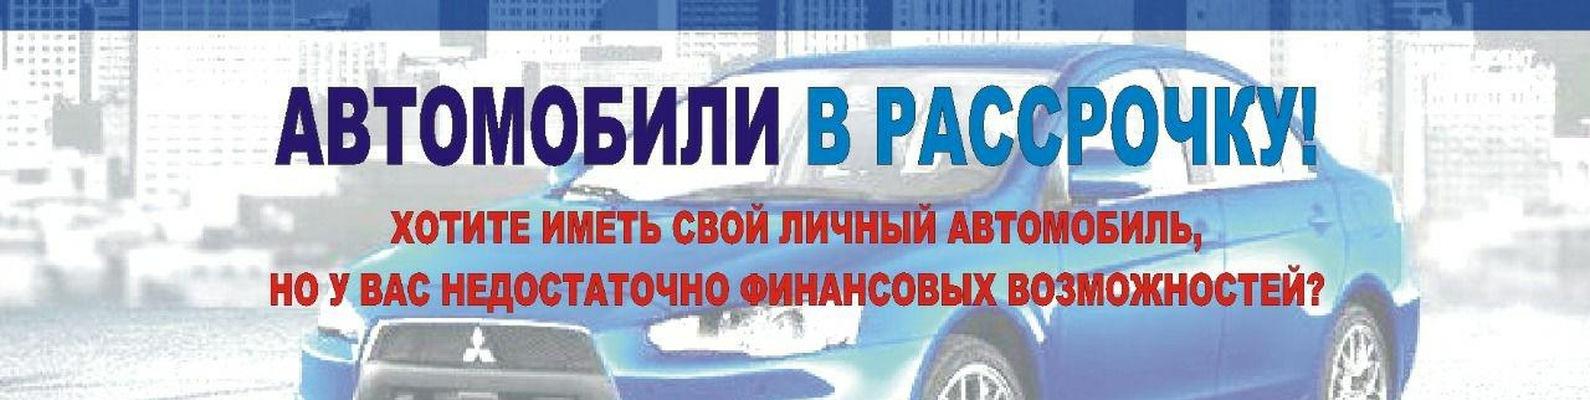 0844bb071dad0 Автомобили в рассрочку в Новосибирске   ВКонтакте